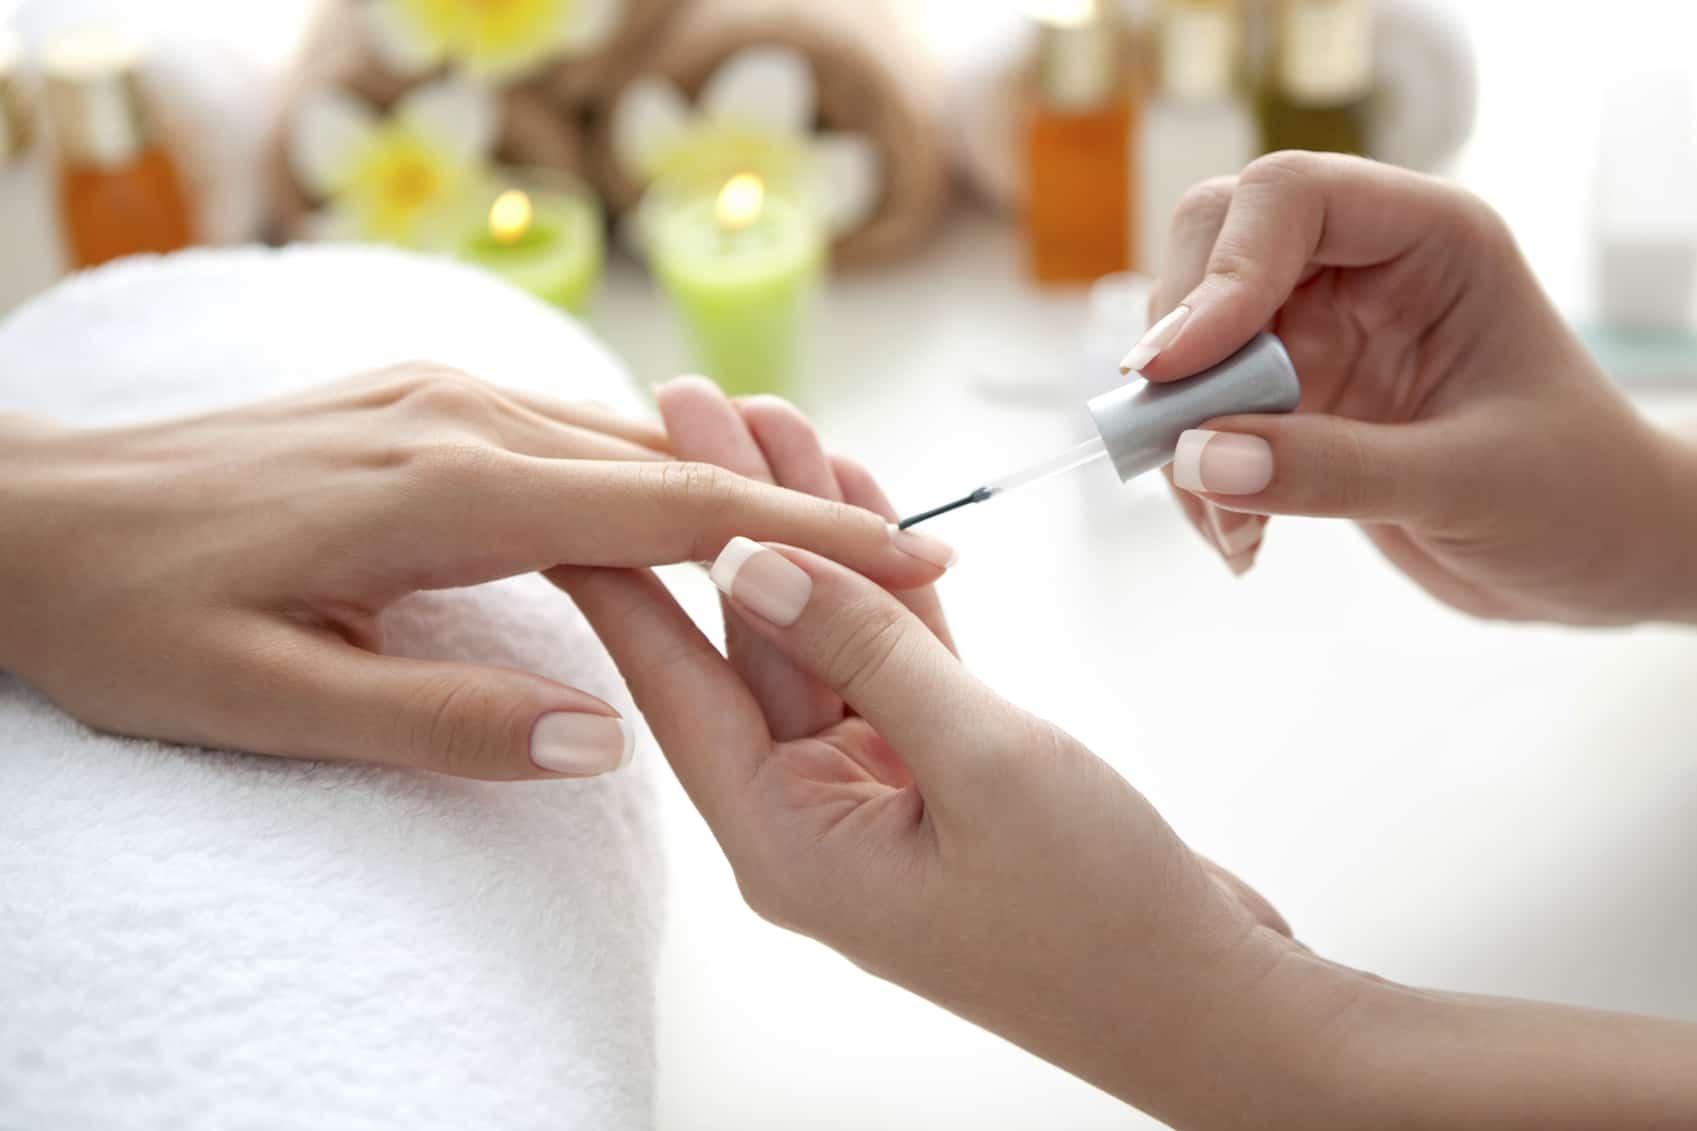 Voor- en nadelen van Dip Powder nagels - Wellness Academie